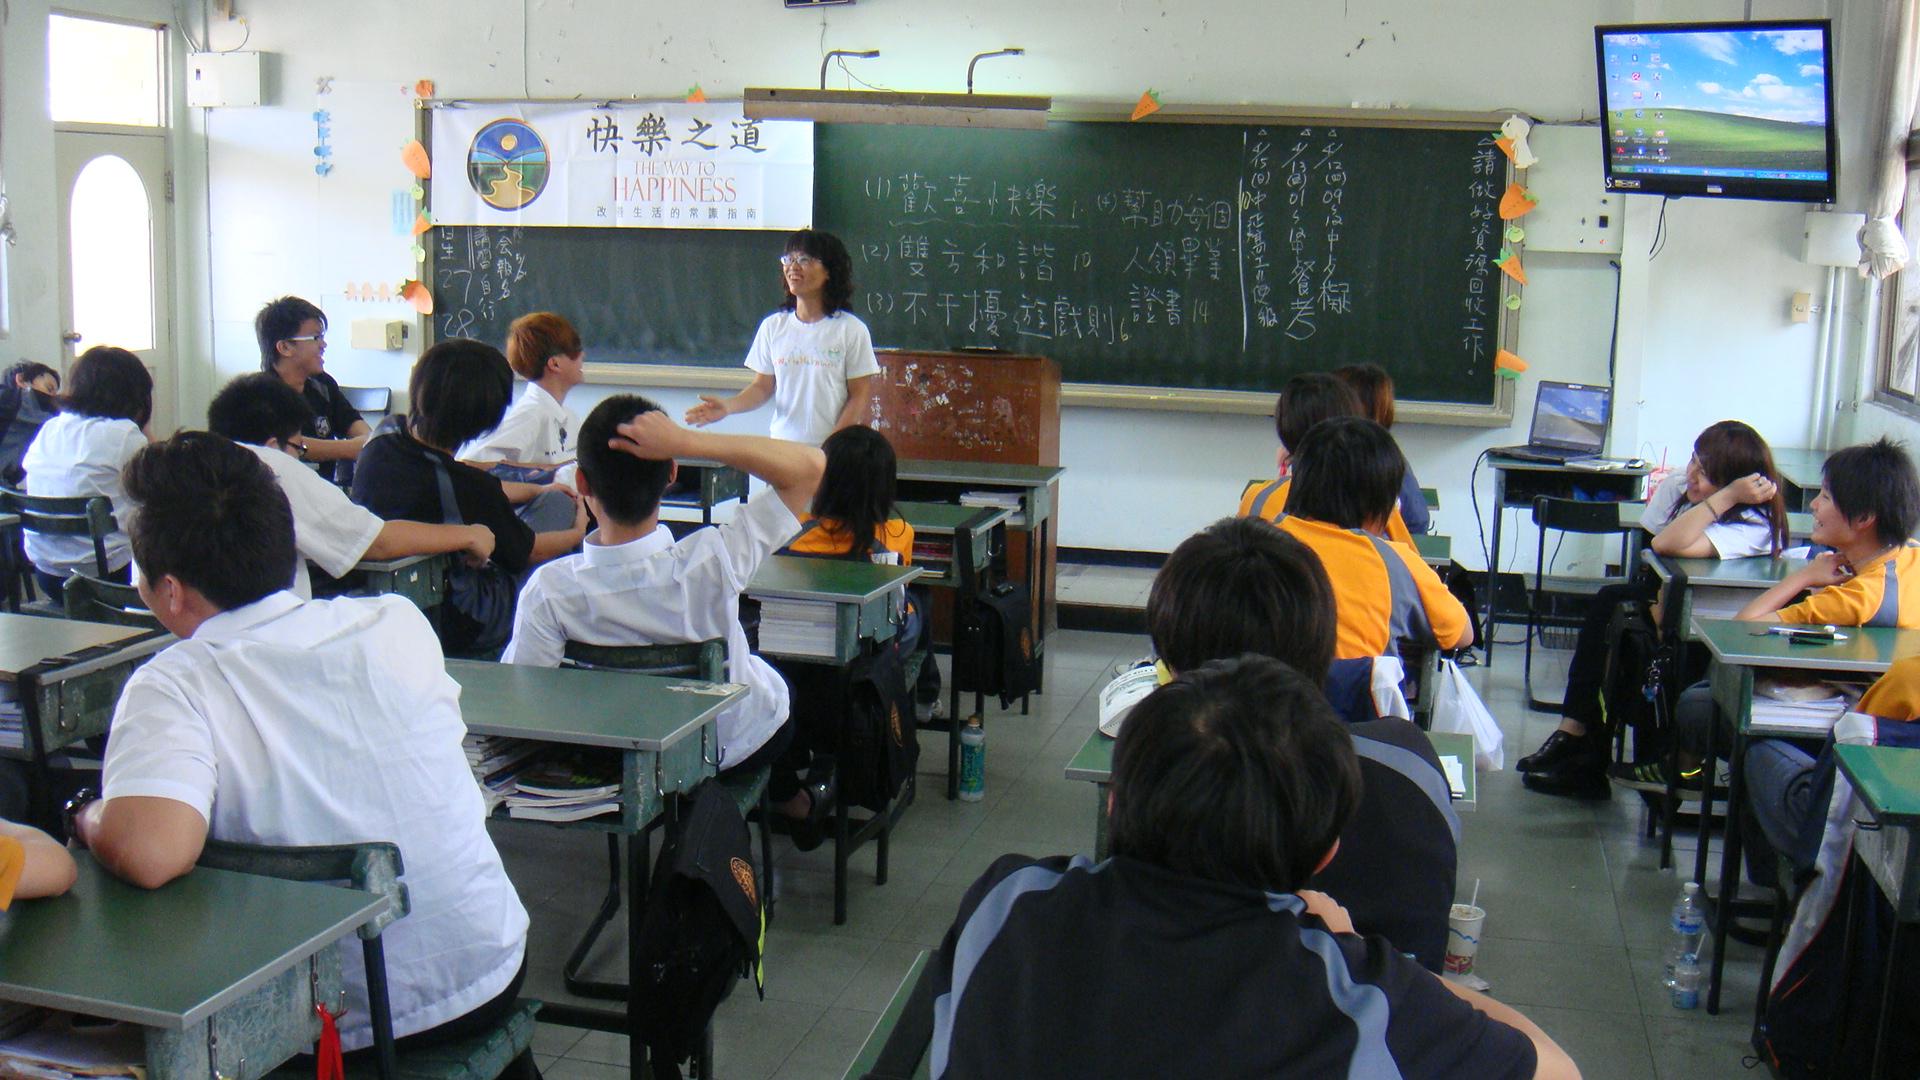 國中教師無私奉獻  八堂課帶給學生人生啟發